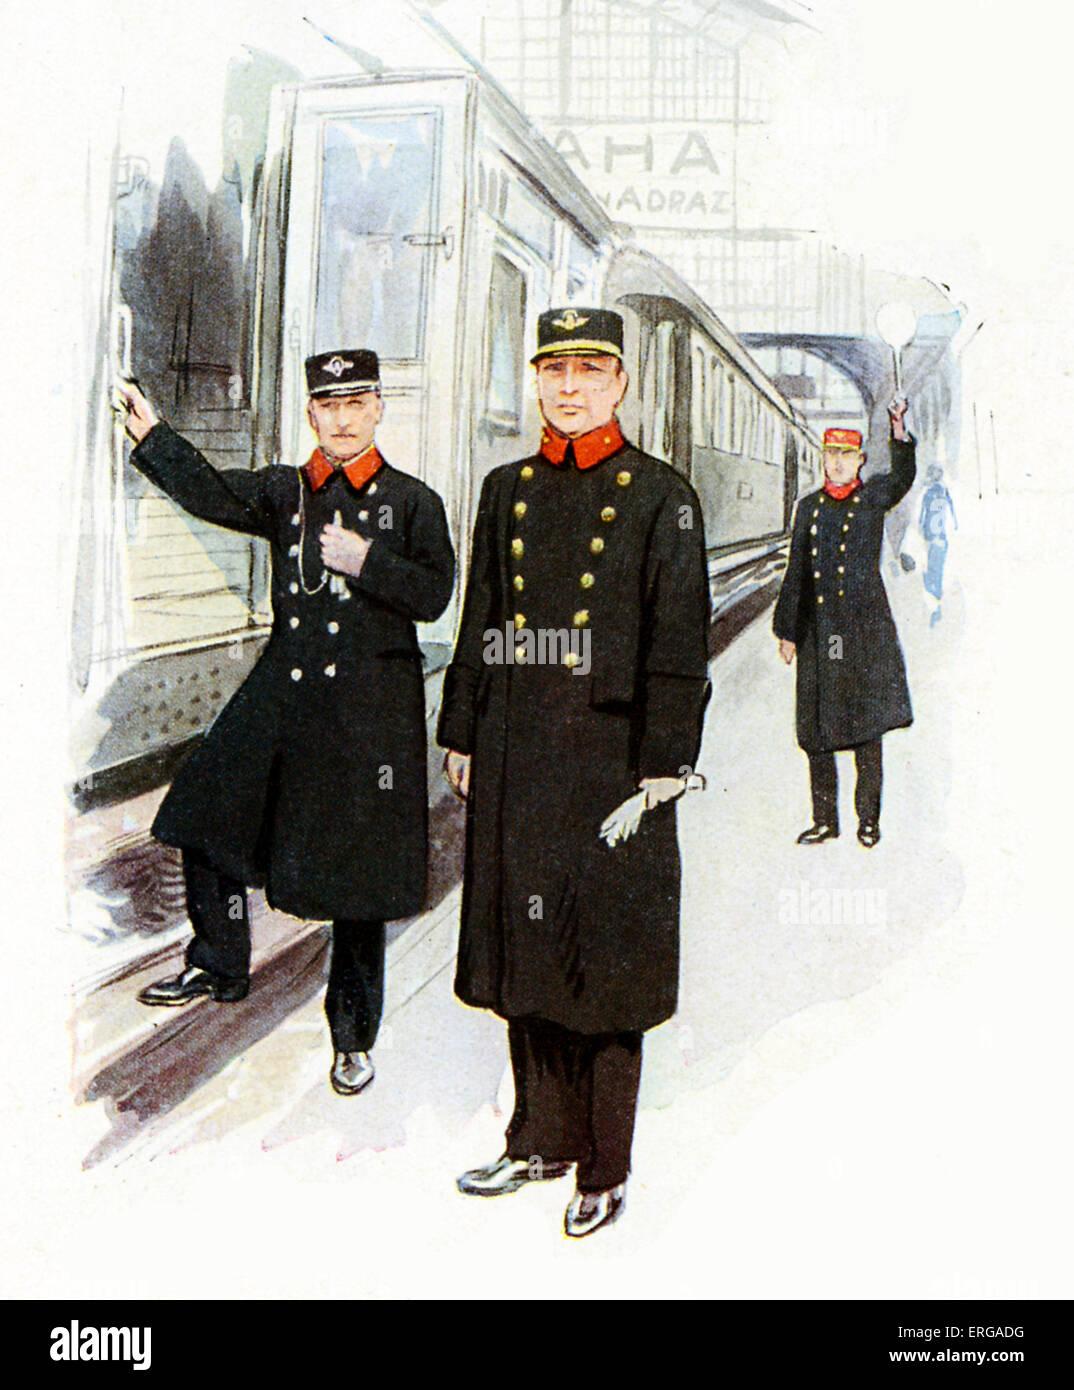 Los uniformes del personal ferroviario, 1920-30s: estación de trenes de Checoslovaquia, conductor y maestro Imagen De Stock